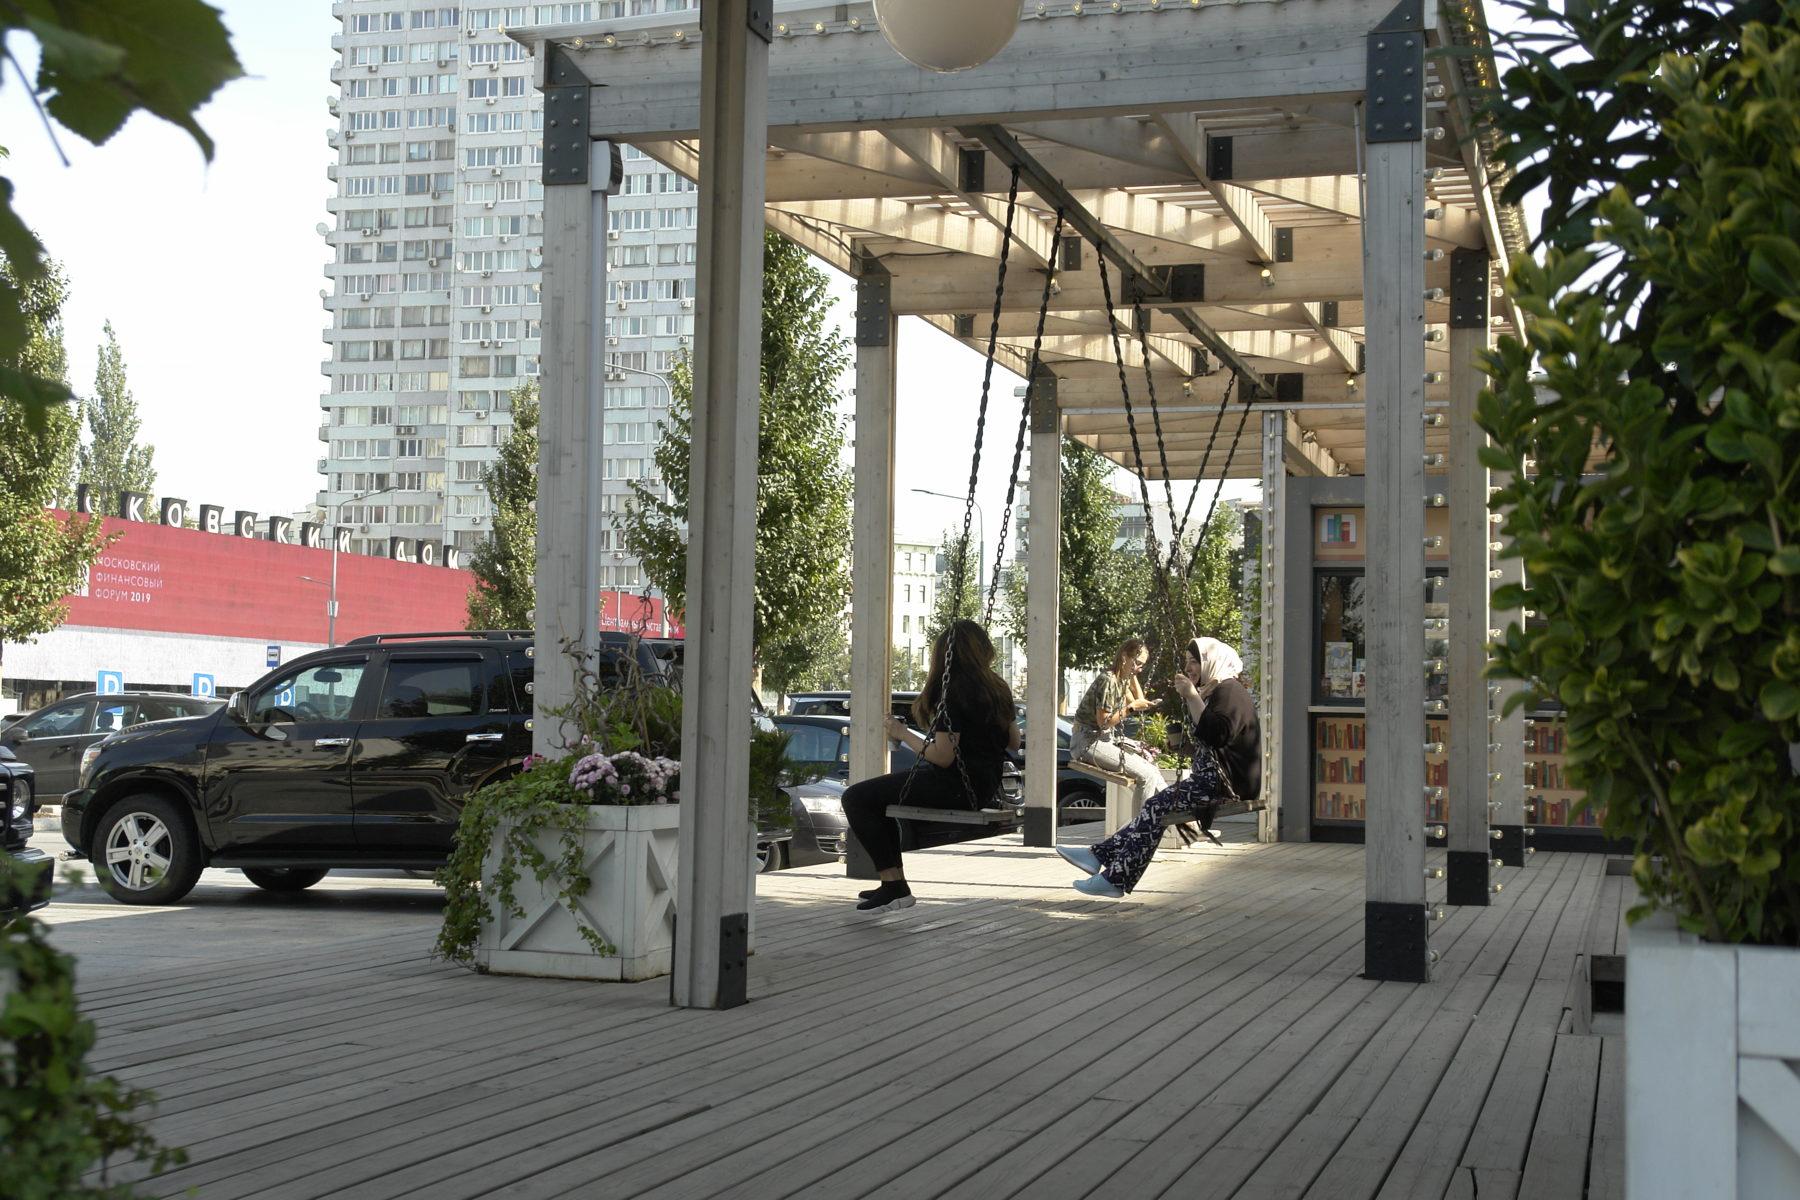 Развитие сайта Смоленская набережная ссылки на сайт 2-я Филёвская улица